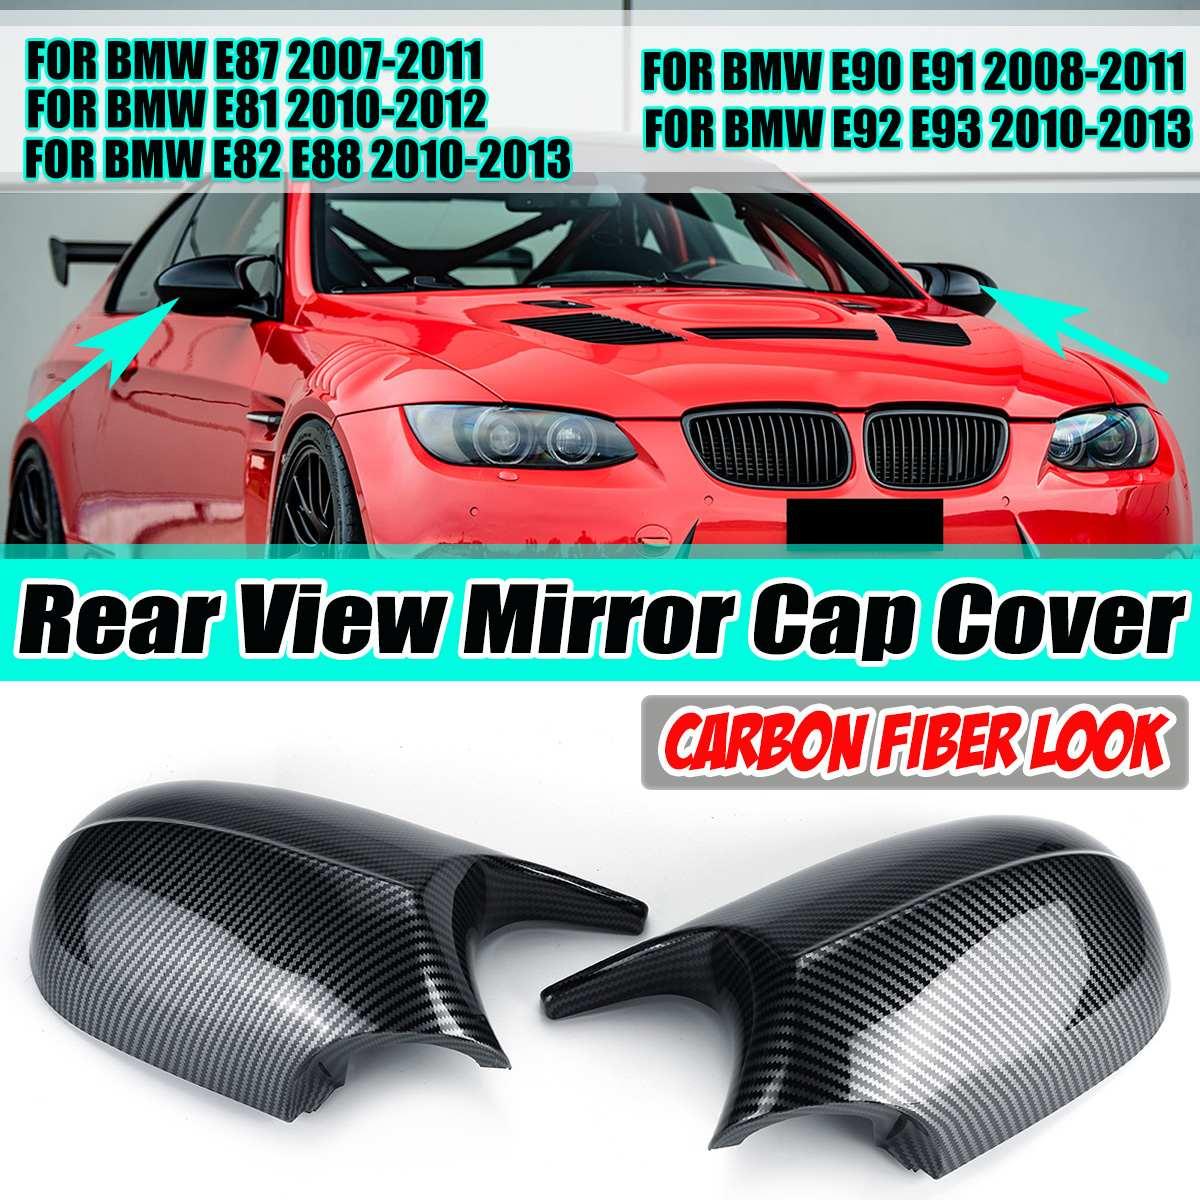 1 par e81 e82 tampas espelho retrovisor do lado do carro tampa capa guarnição para bmw e81 e82 e87 e88 e91 e92 e93 lci facelifted modelo